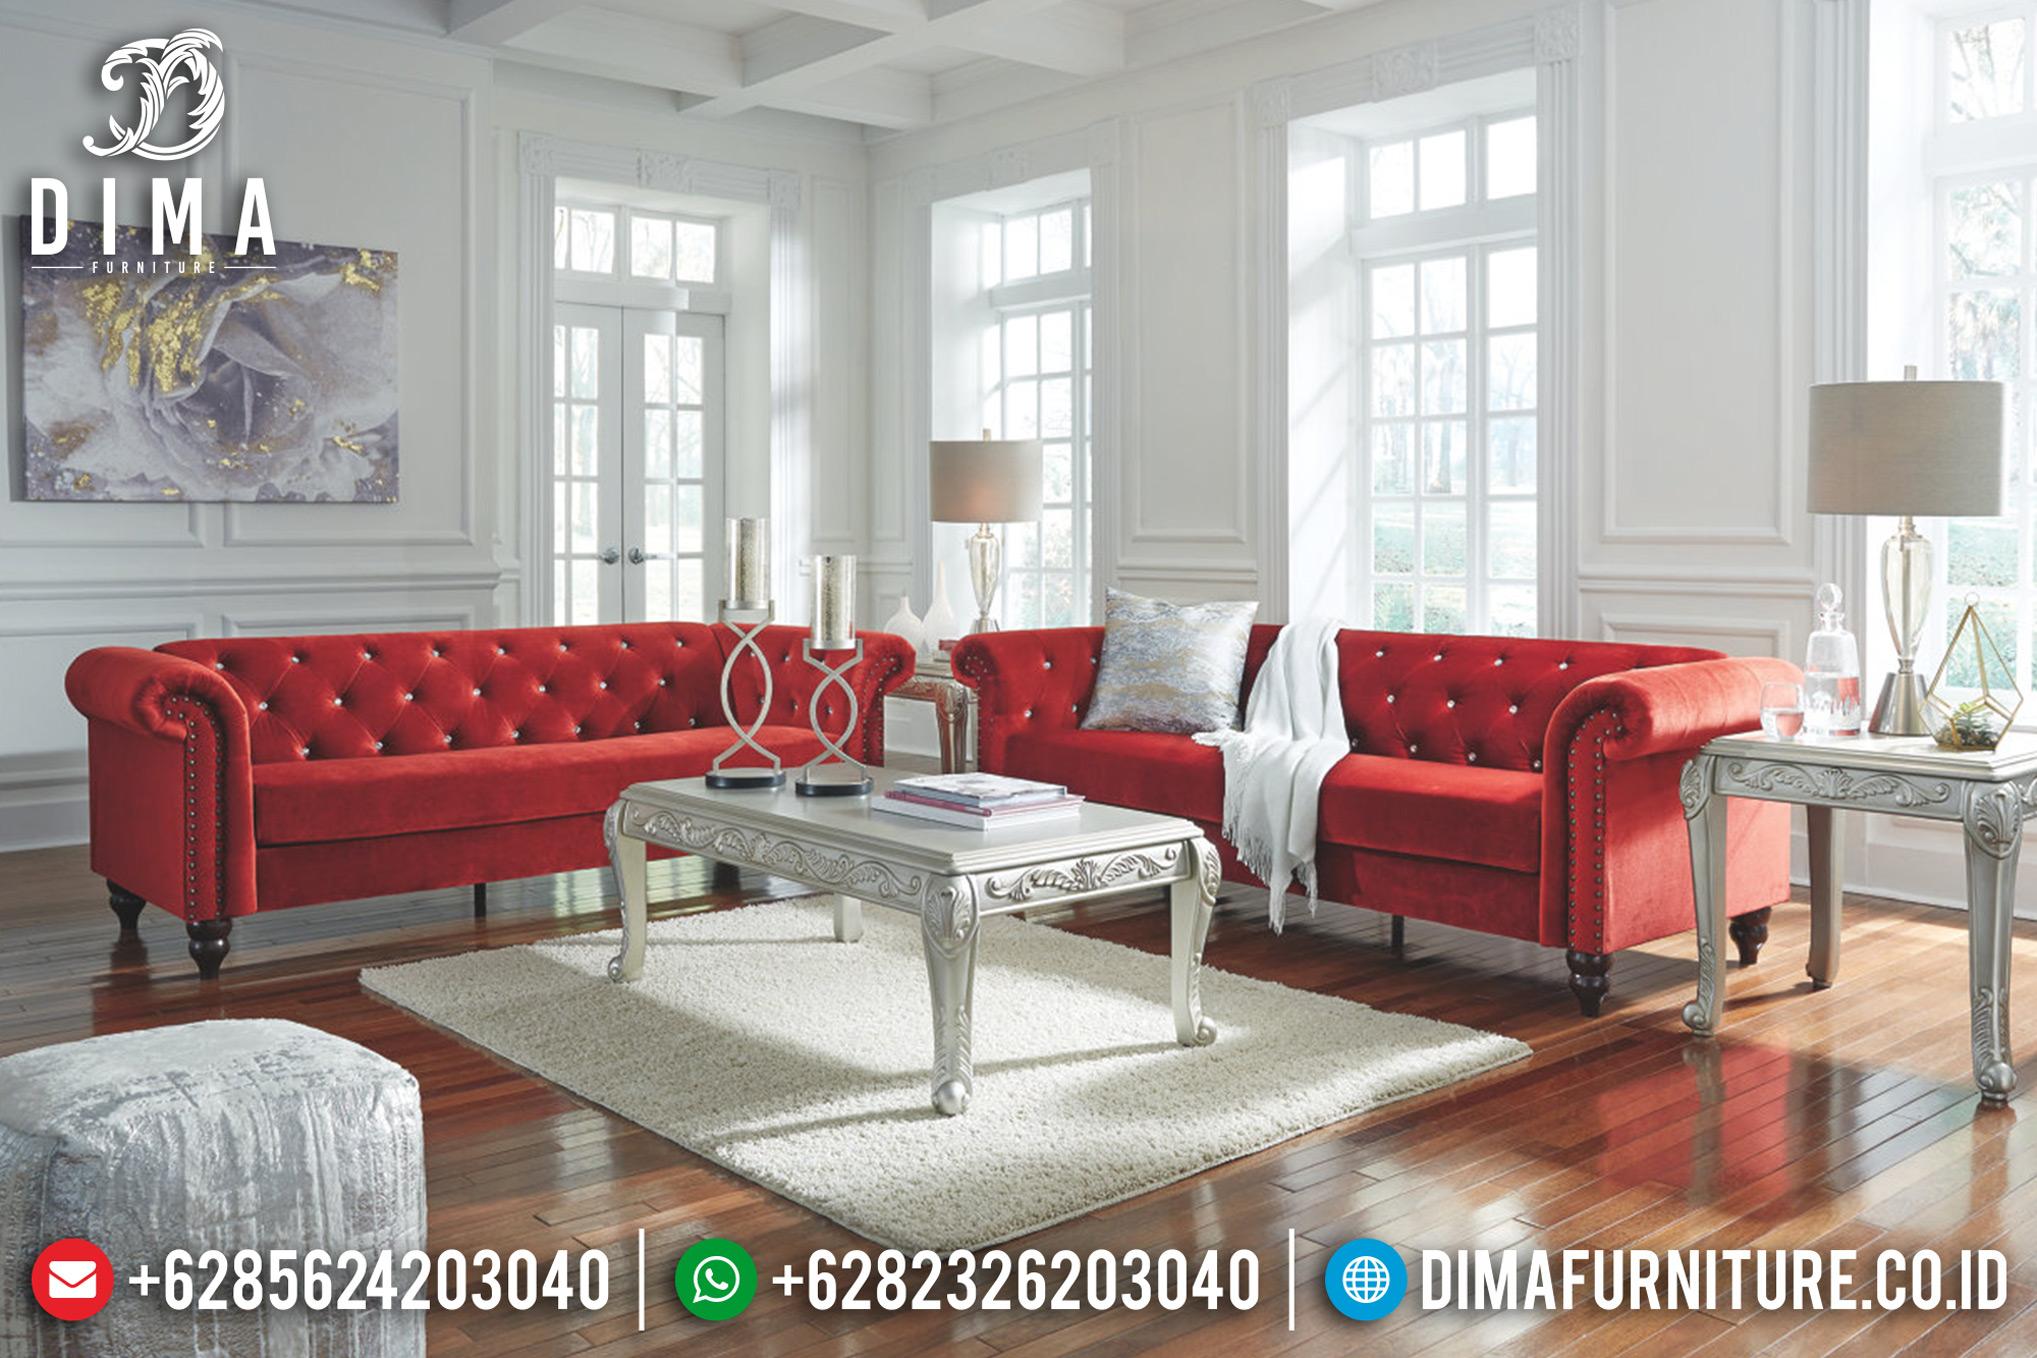 Beli 1 Set Sofa Tamu Minimalis Jepara Chester Terbaru Merah Bludru DF-0670 Gambar 1